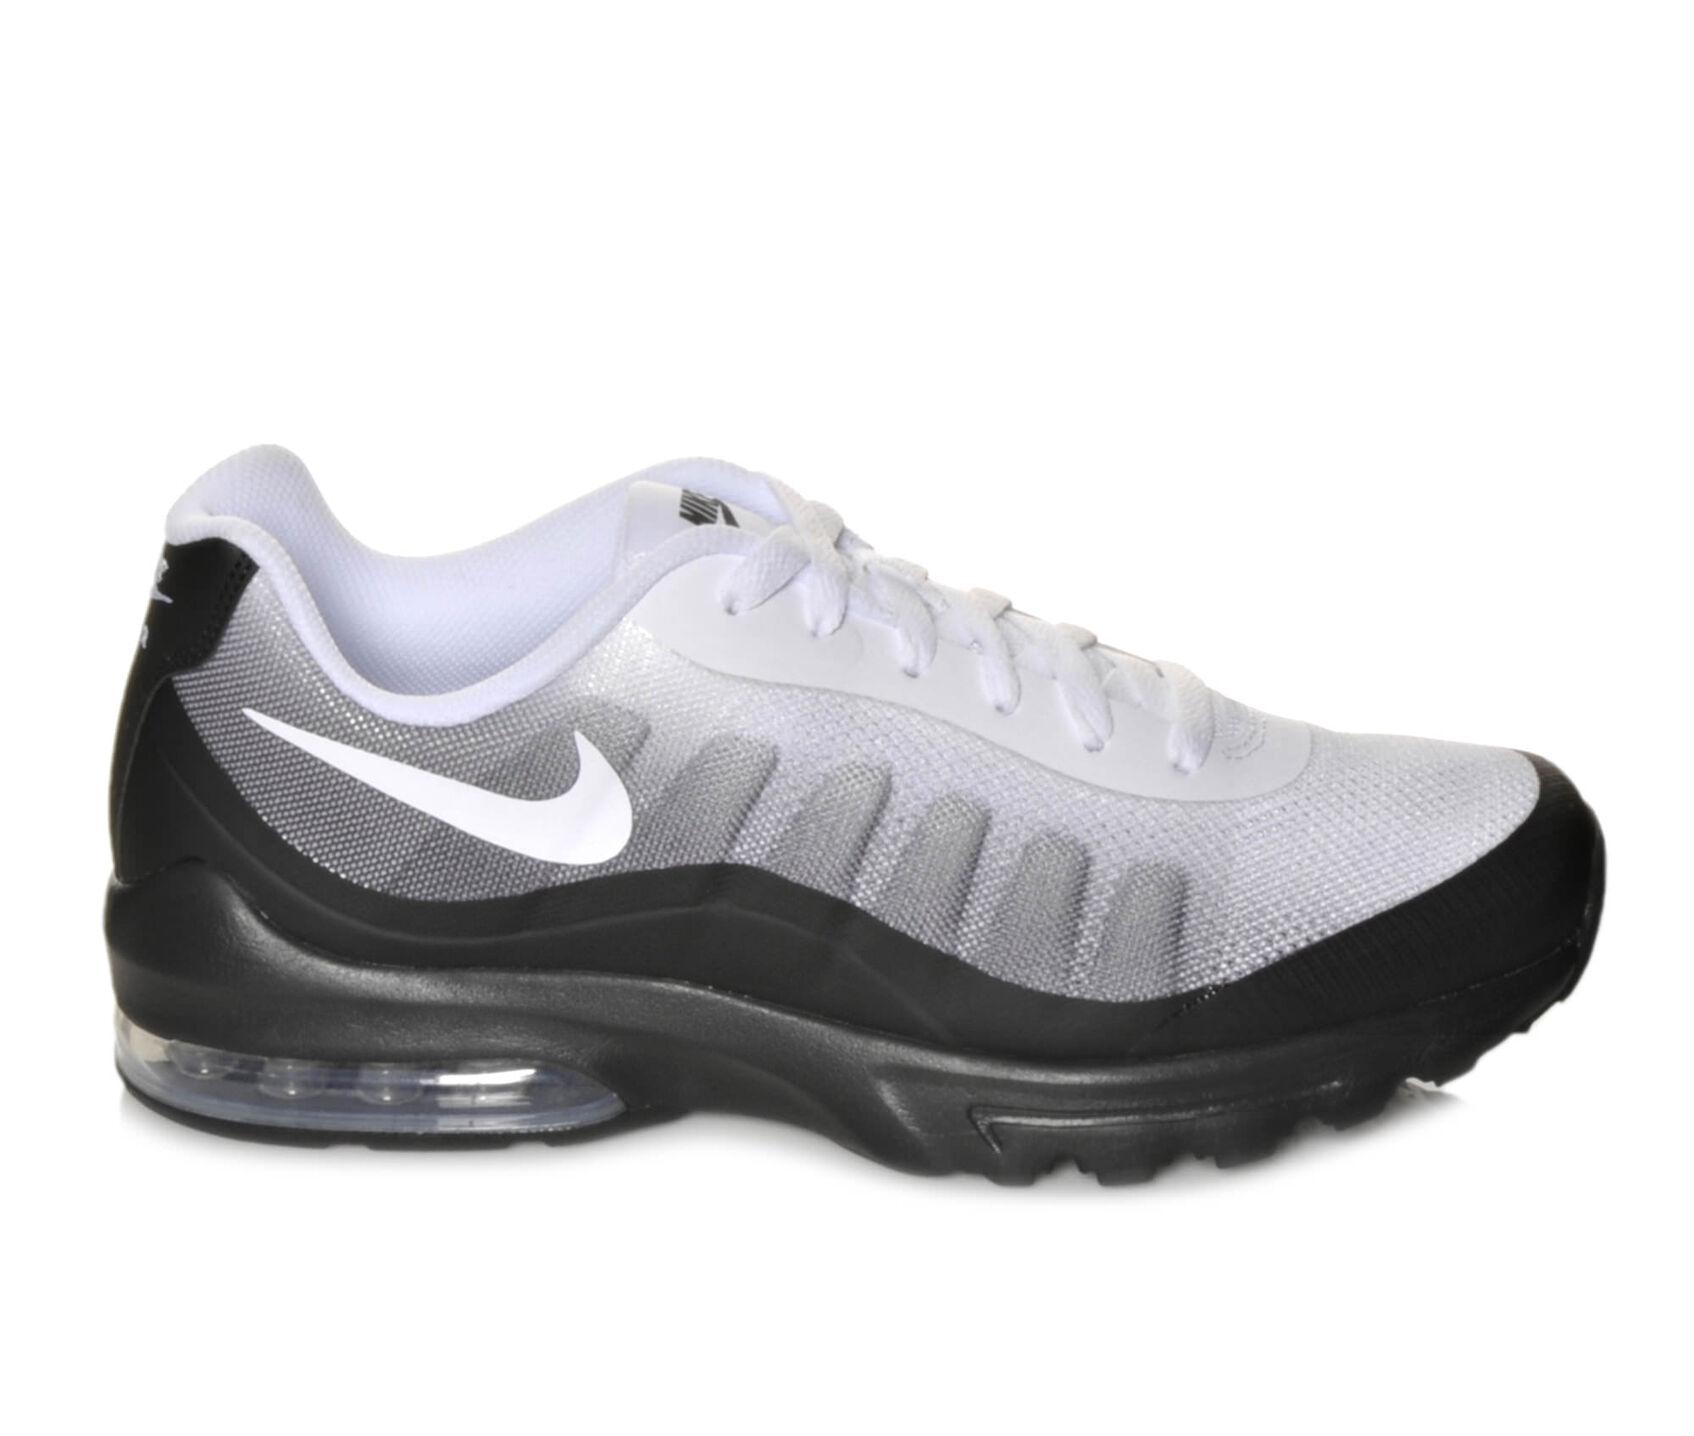 s nike air max invigor print athletic sneakers